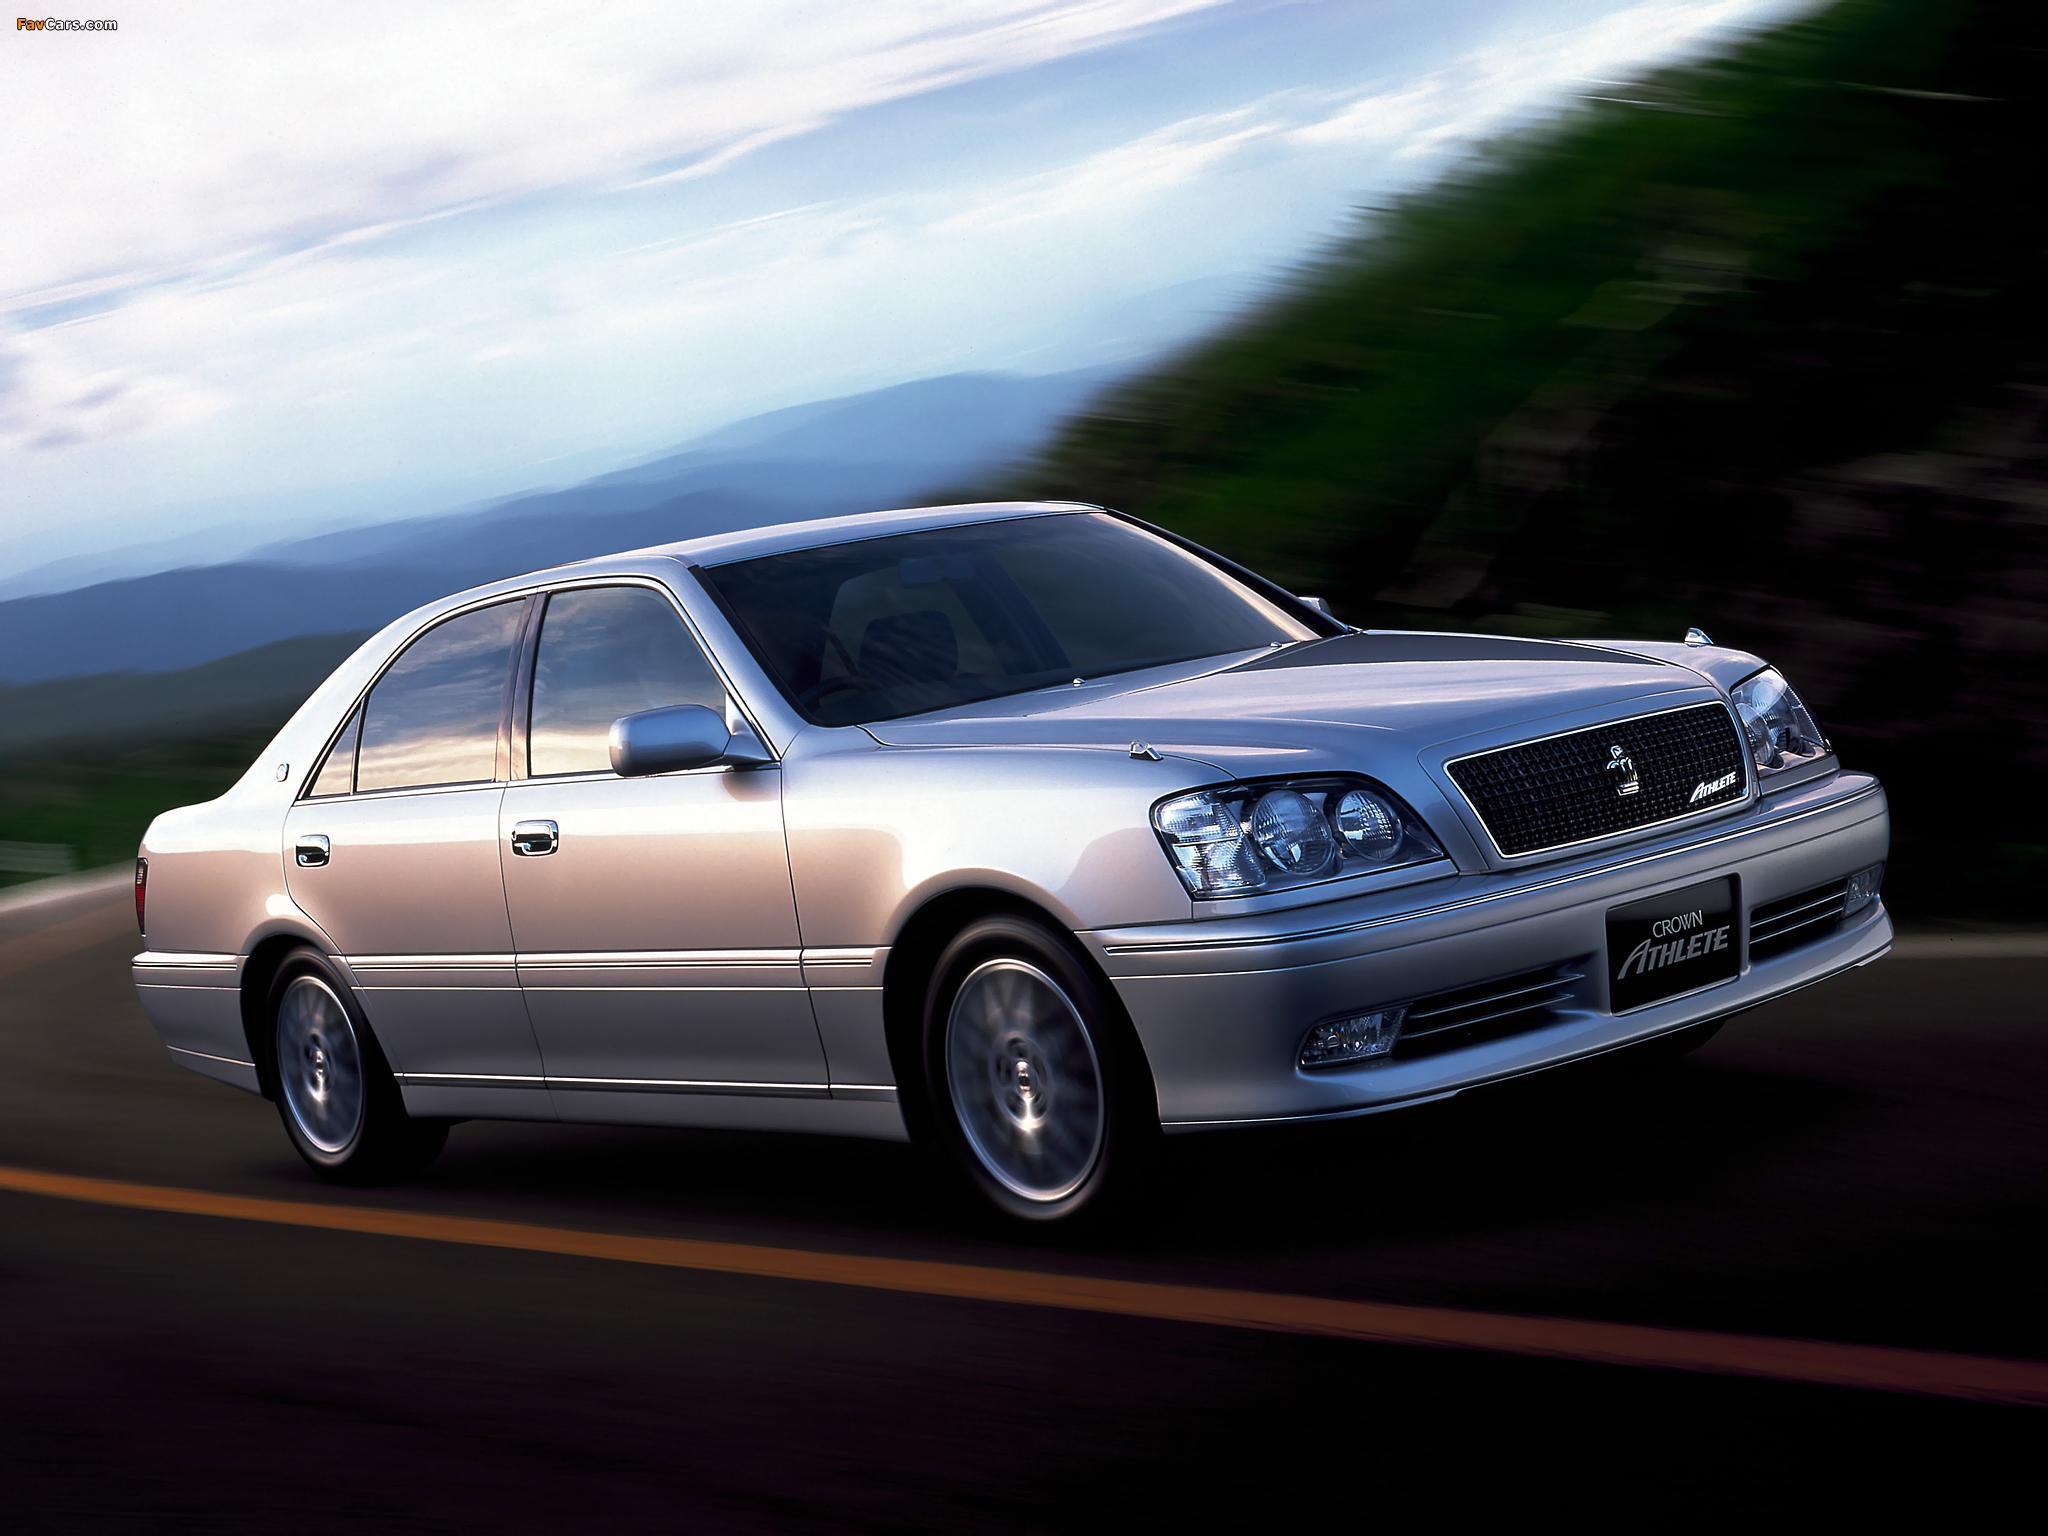 Toyota Crown фотогалерея: 31 фото высокого качества ...